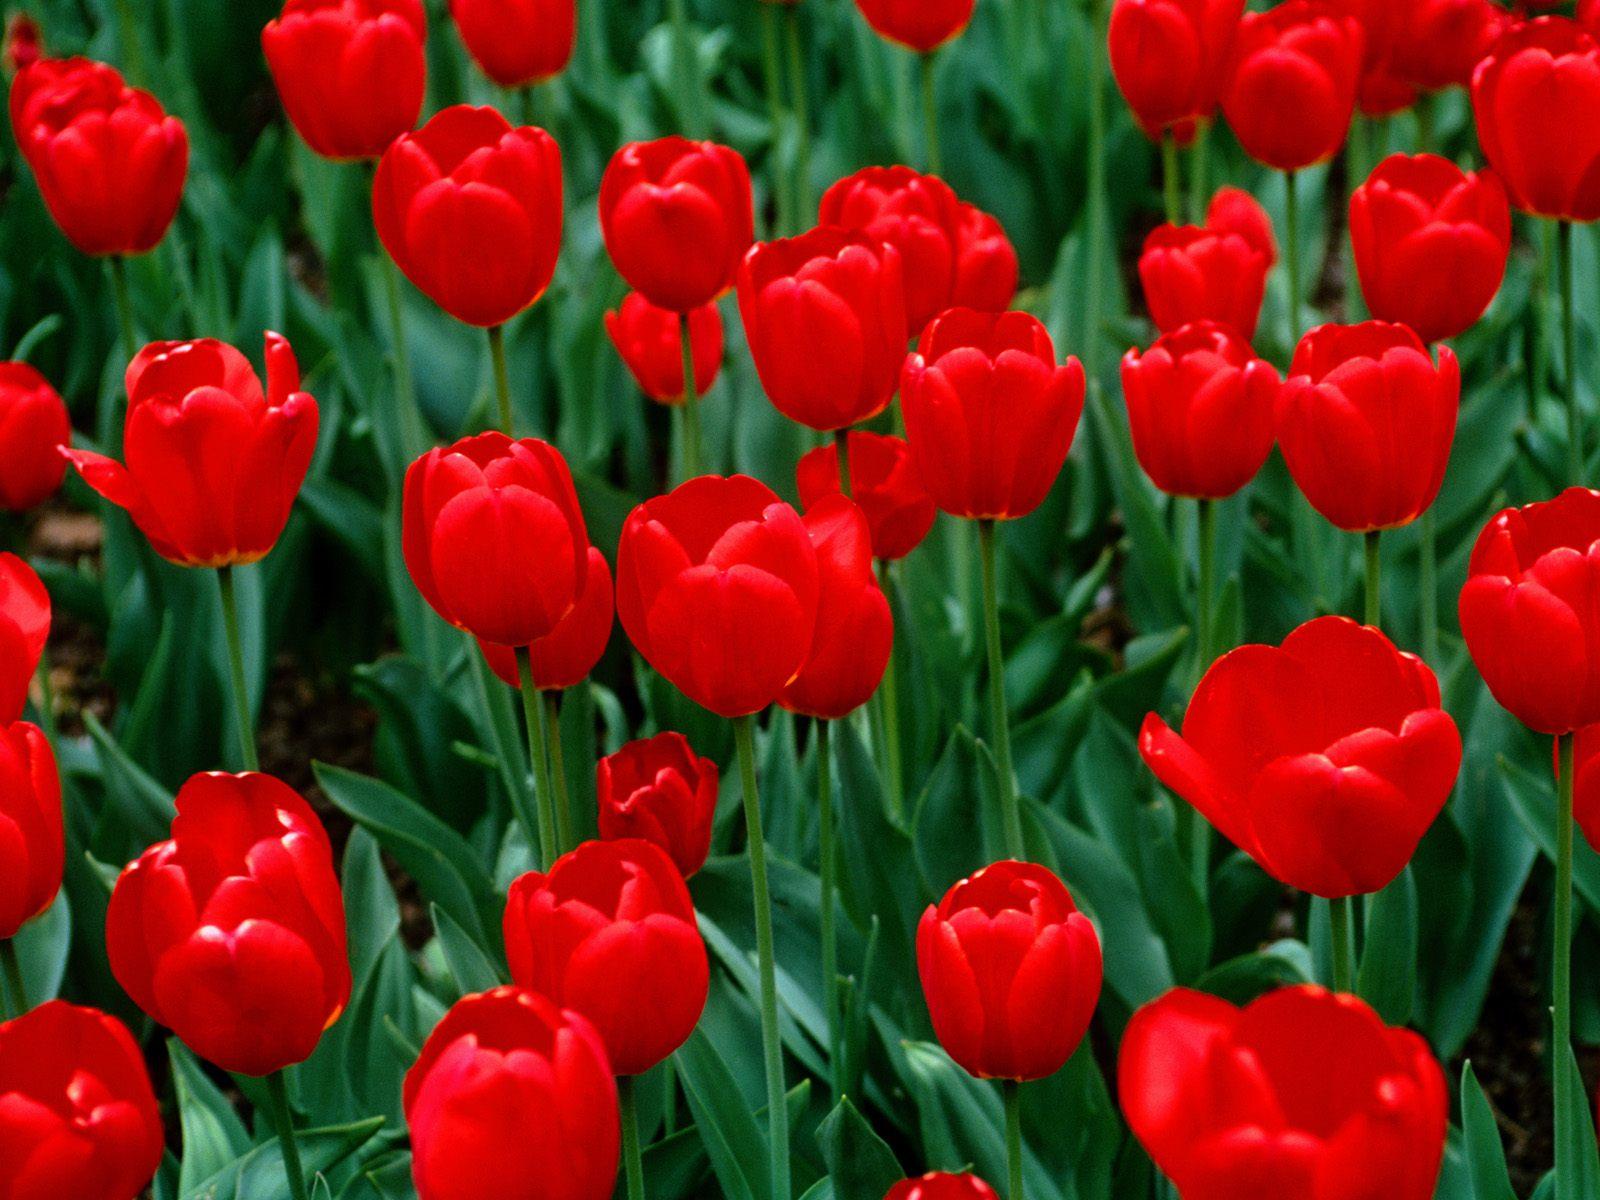 http://3.bp.blogspot.com/-lNPch-1qDcM/TcQKqXcXixI/AAAAAAAAJ_c/RgUiZDx4Sek/s1600/flower-backgrounds-red_tulips_1600x1200.jpg